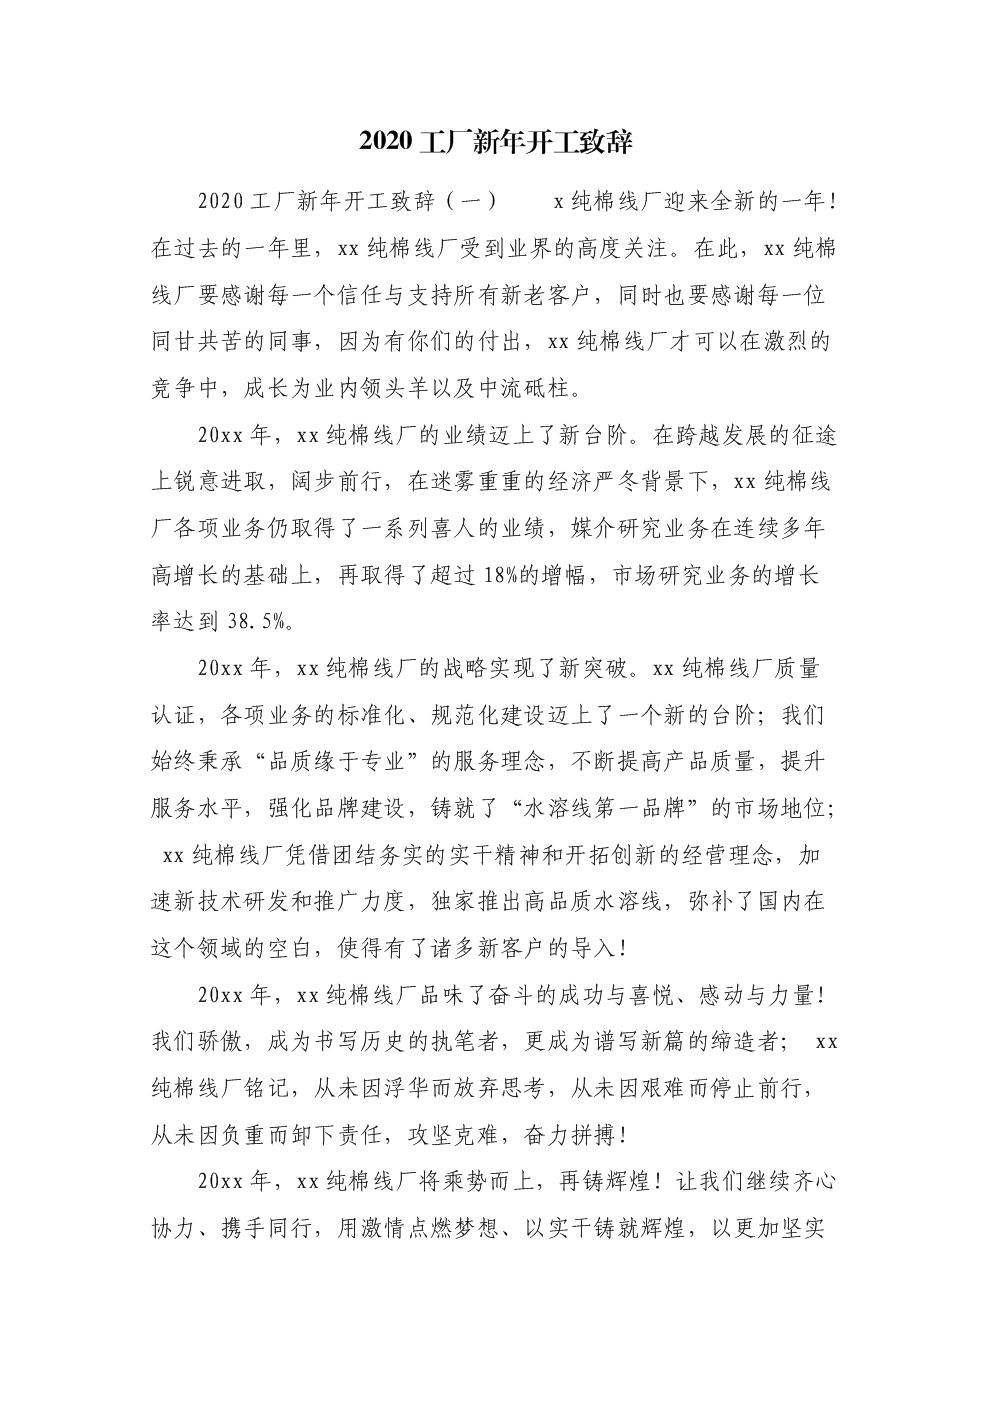 (精选)2020工厂新年开工致辞.doc